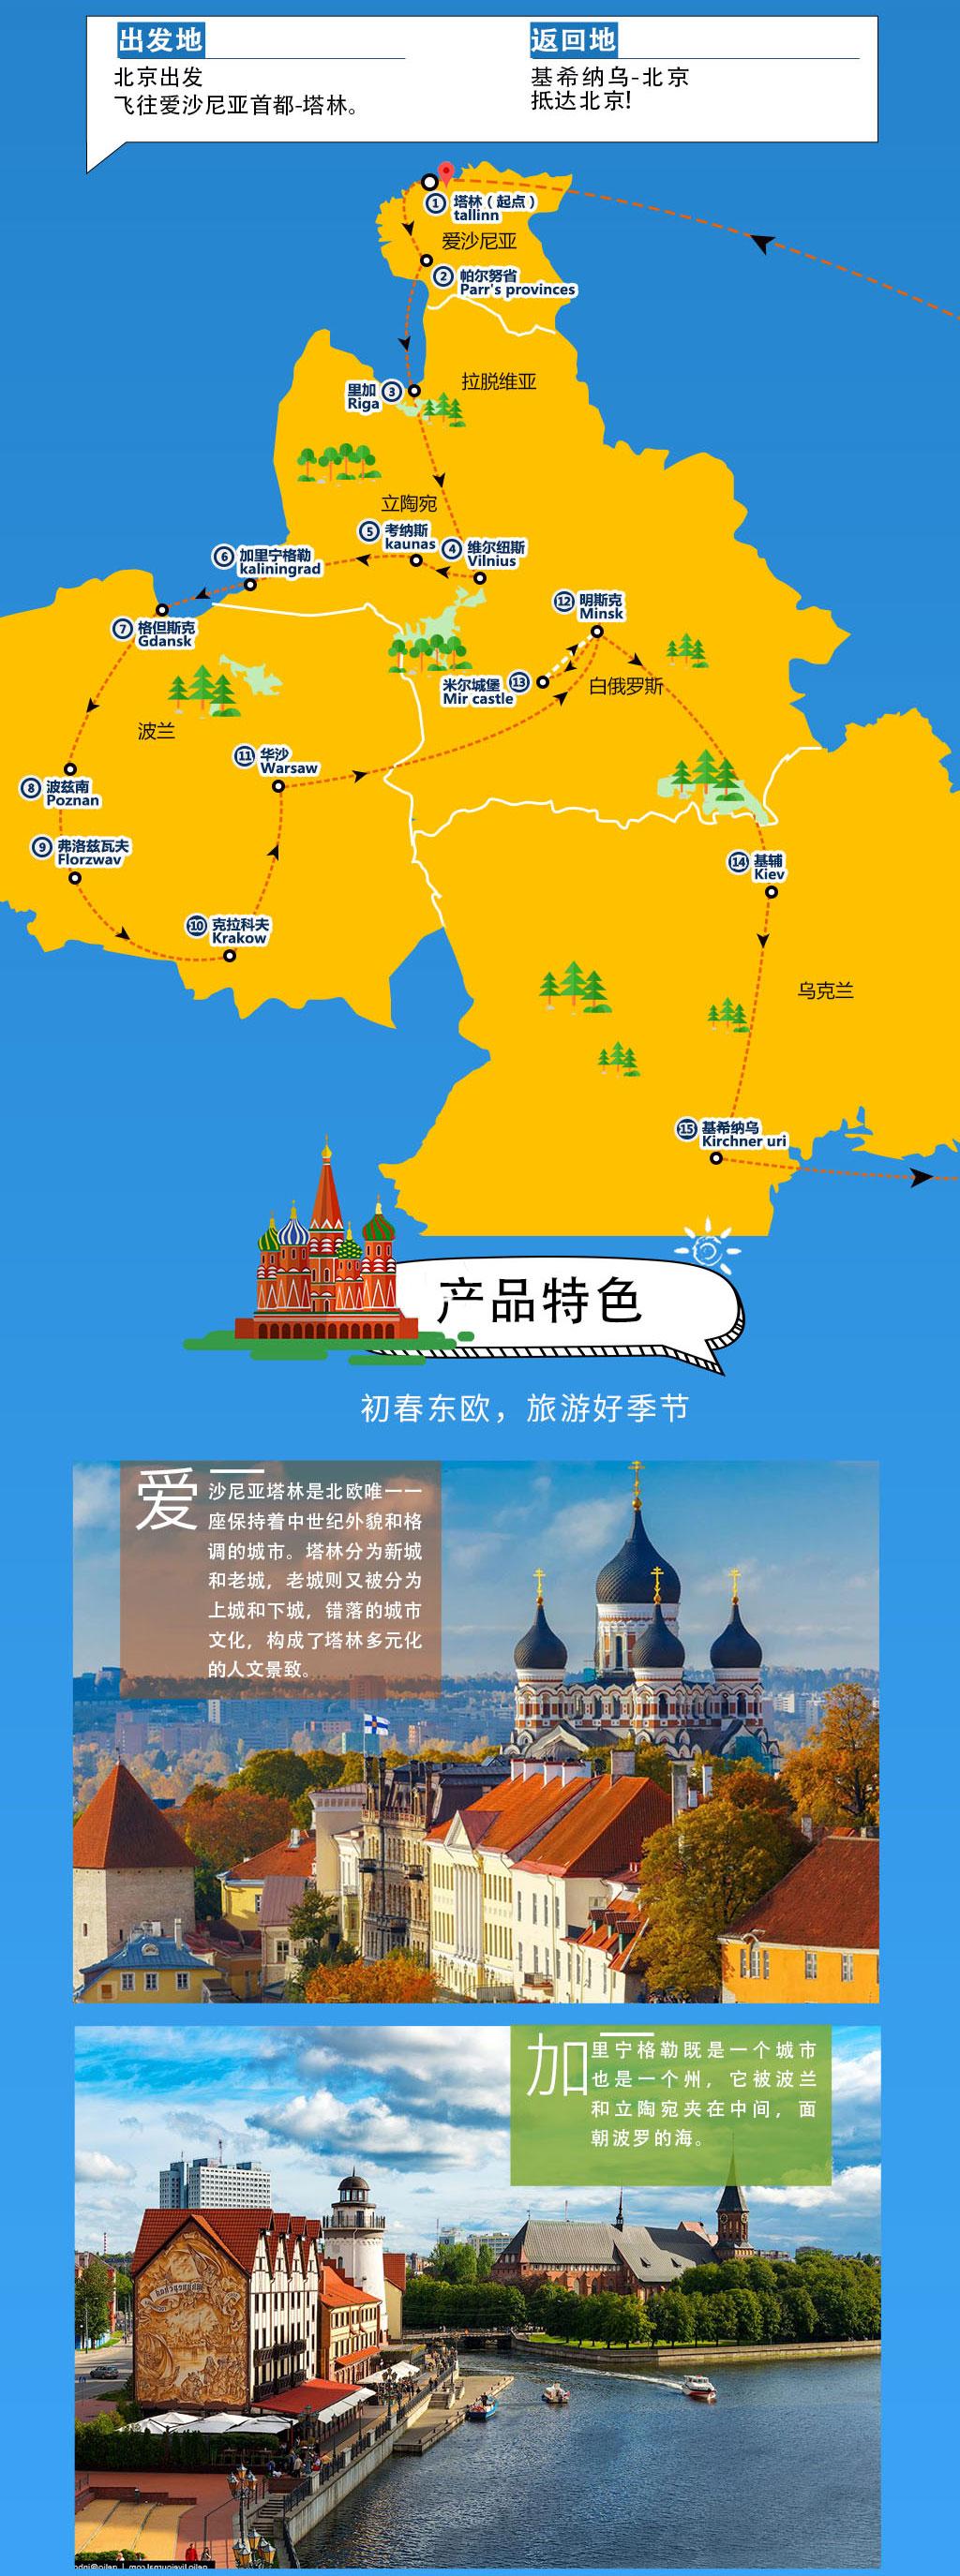 拉脱维亚签证费_爱沙尼亚+拉脱维亚+立陶宛+波兰+白罗斯+乌克兰+摩尔多瓦20日跟团 ...